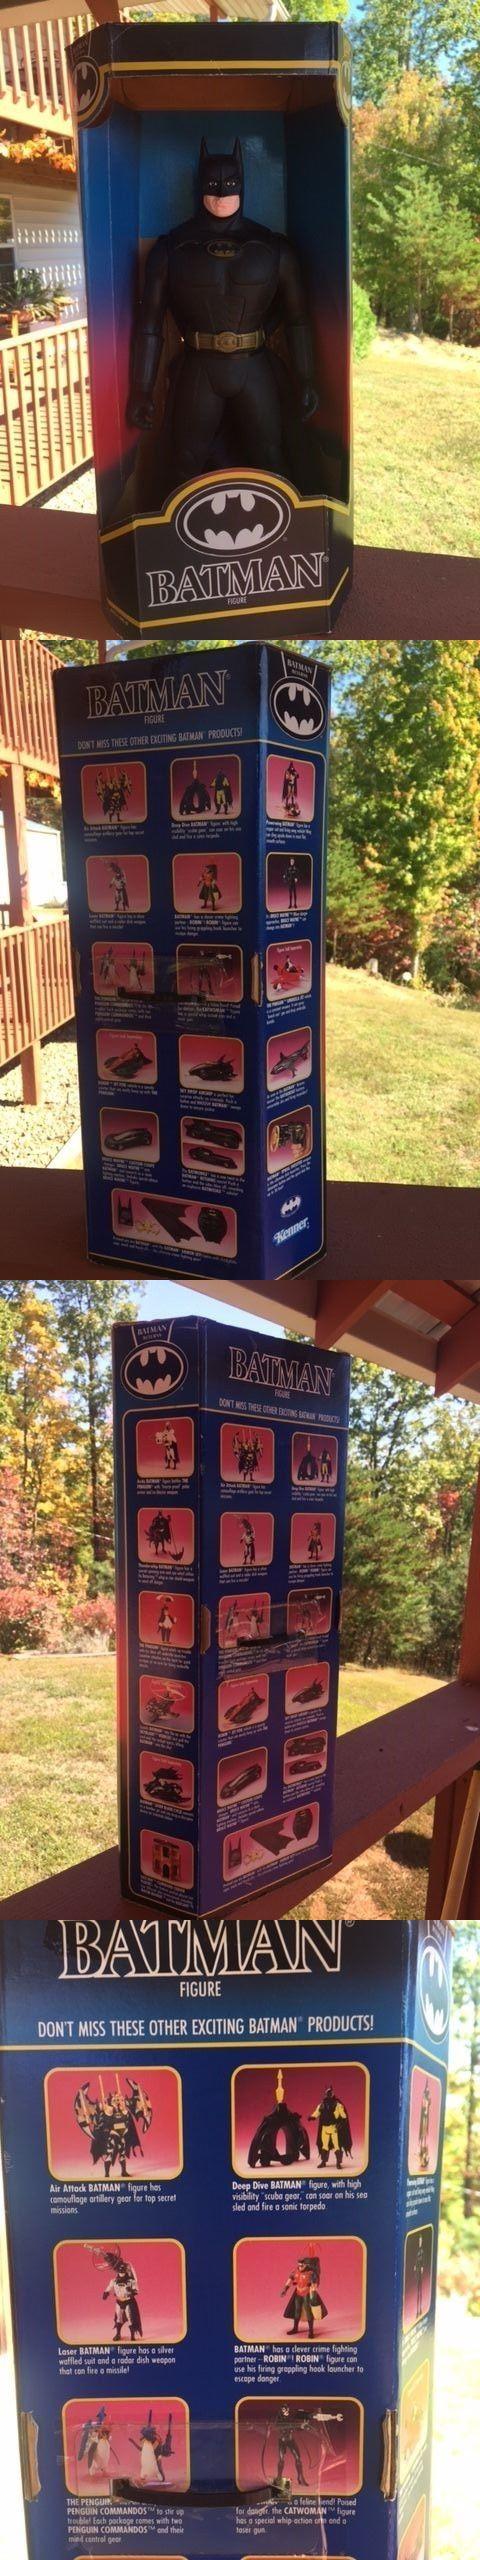 Batman 146023: 1991 Kenner Ultimate Batman Michael Keaton Batman Returns 14 Action Figure Nin -> BUY IT NOW ONLY: $62.99 on eBay!